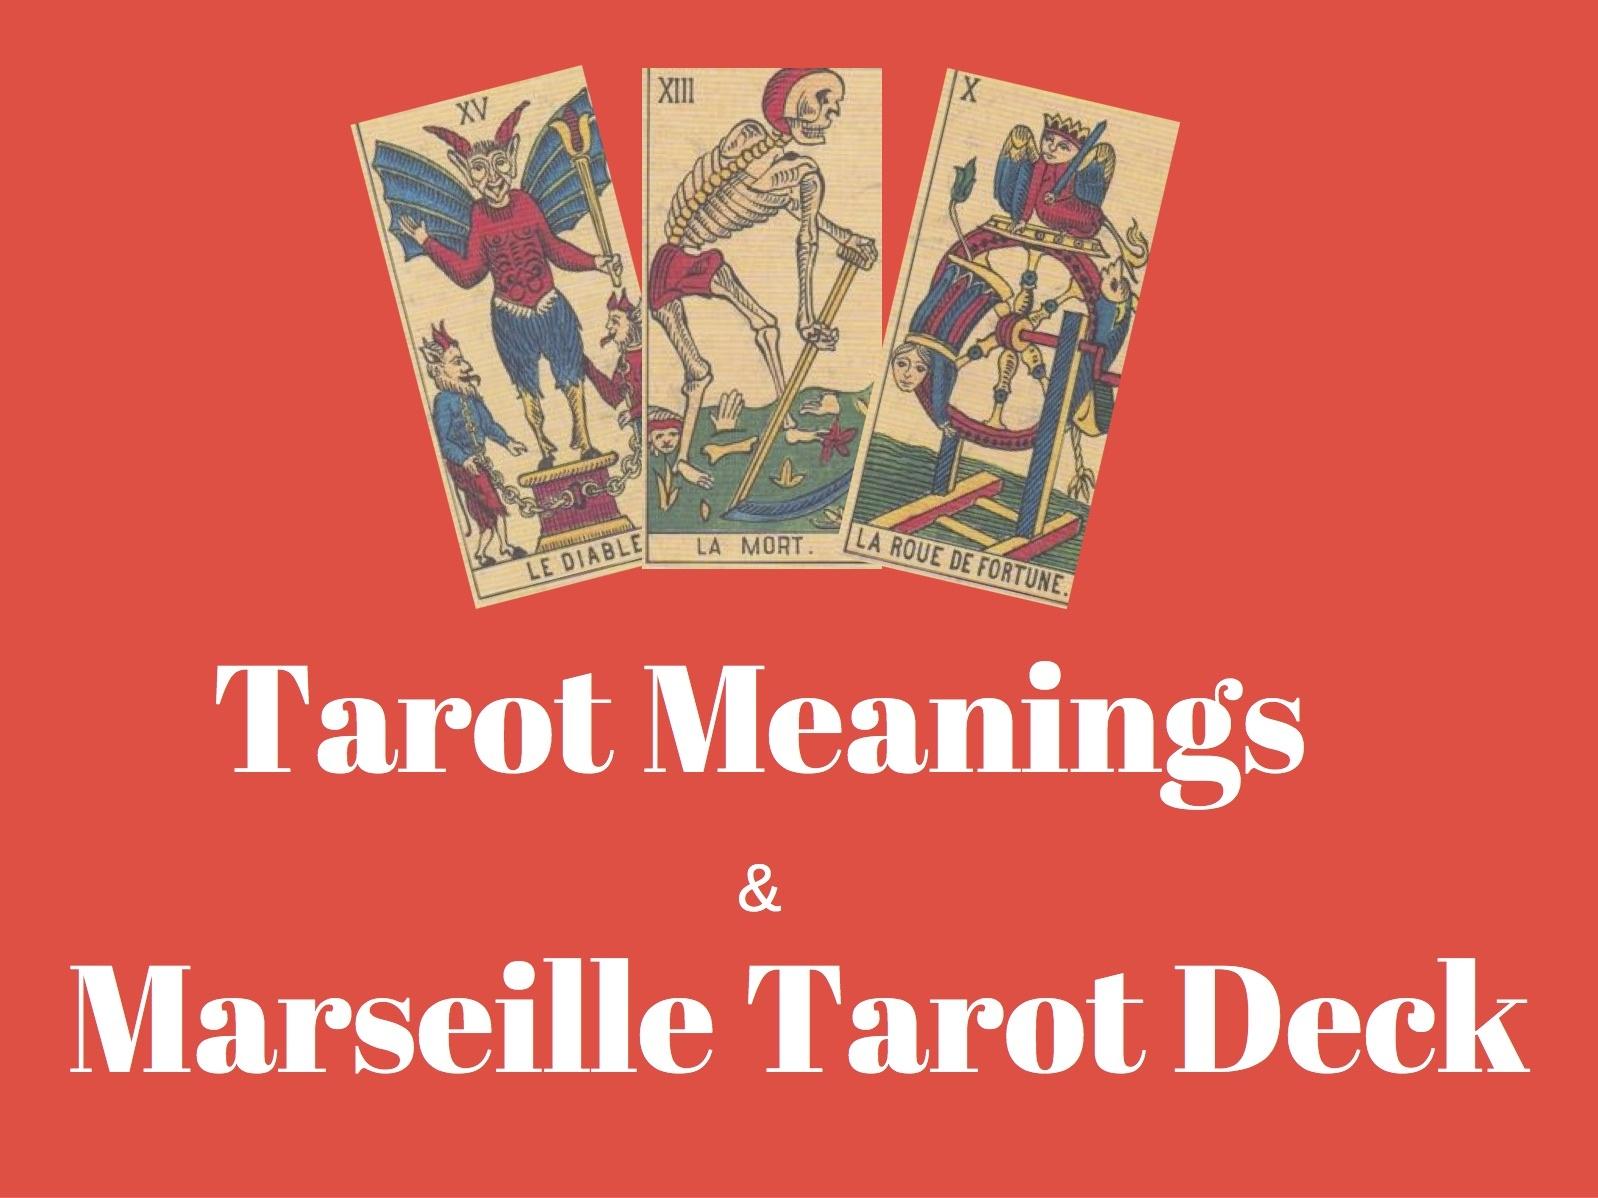 photograph regarding Printable Tarot Deck identified as Printable Tarot Playing cards Meanings and Tarot Deck - Bluemoondancer